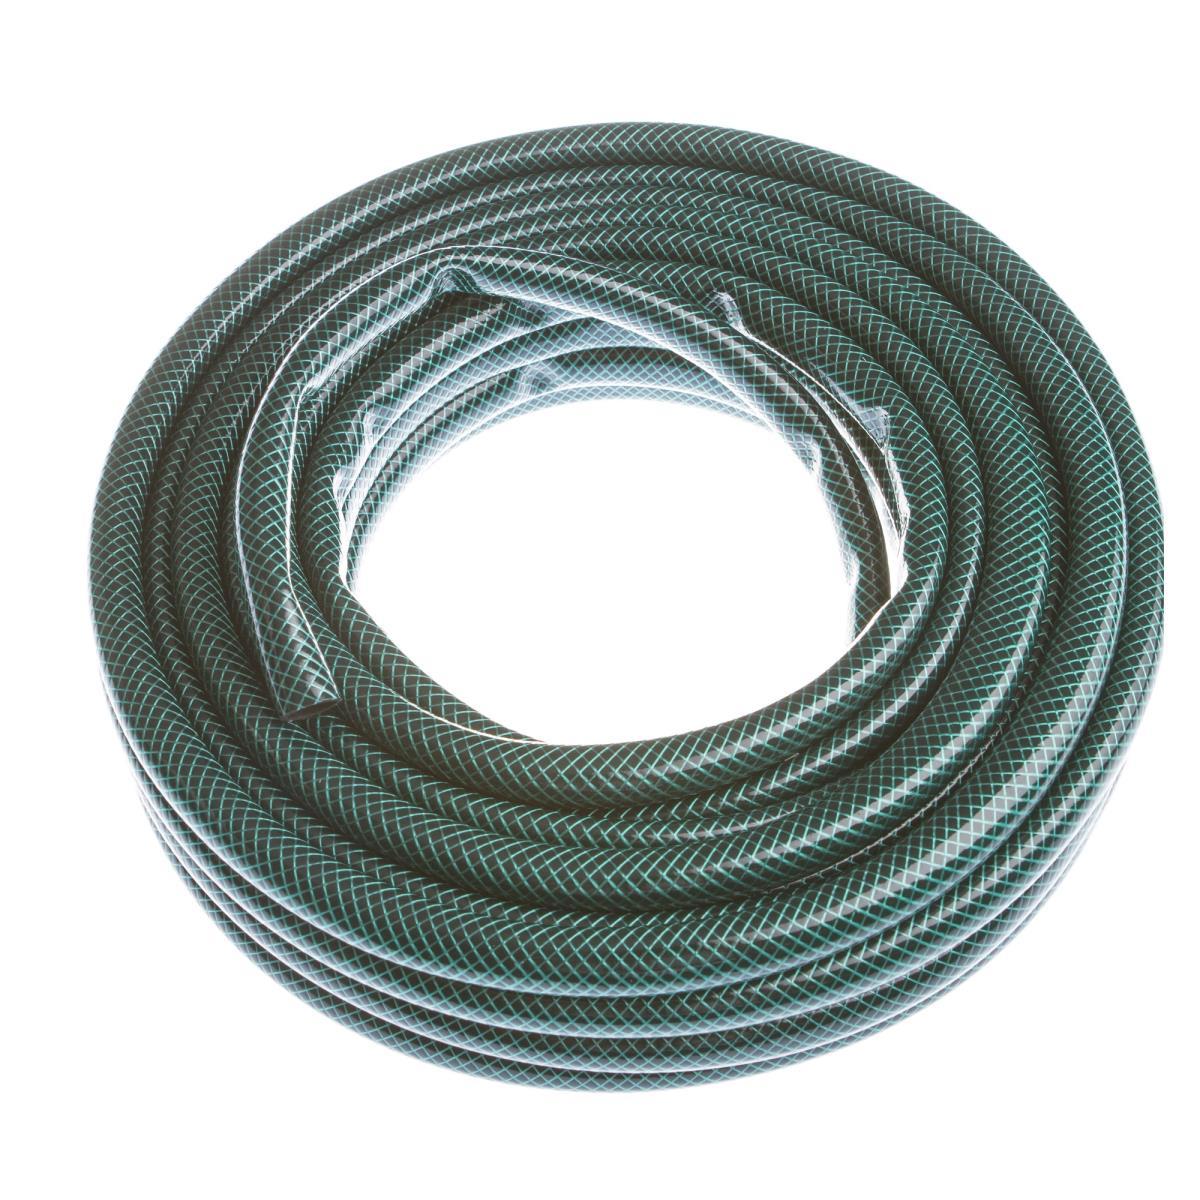 Gartenschlauch 15m Wasserschlauch Schlauch 1/2 Zoll (12,5mm),FITT,8011963748221, 8011963769851